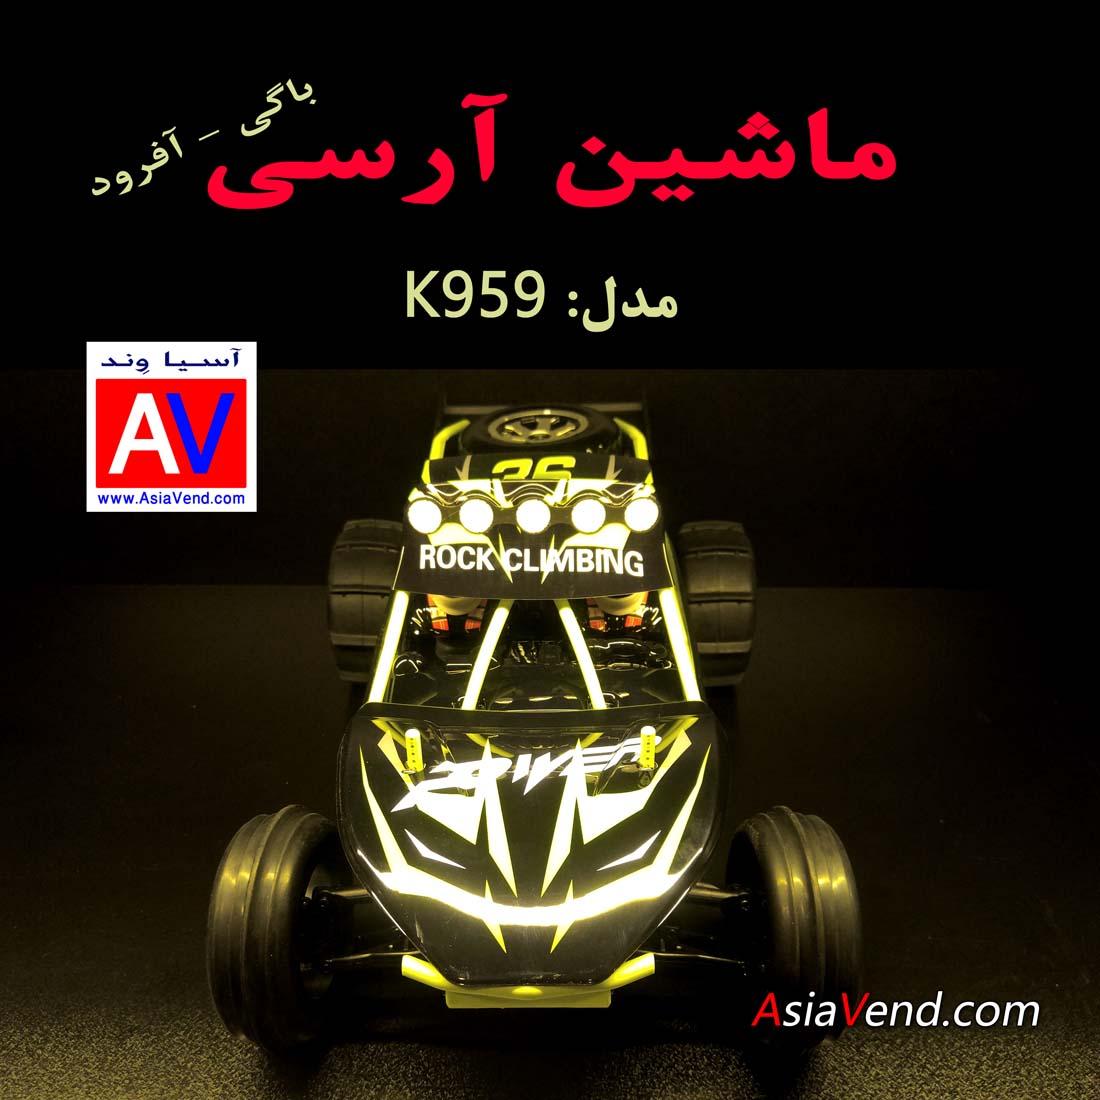 WL TOYS K959A ماشین رادیو کنترلی K959